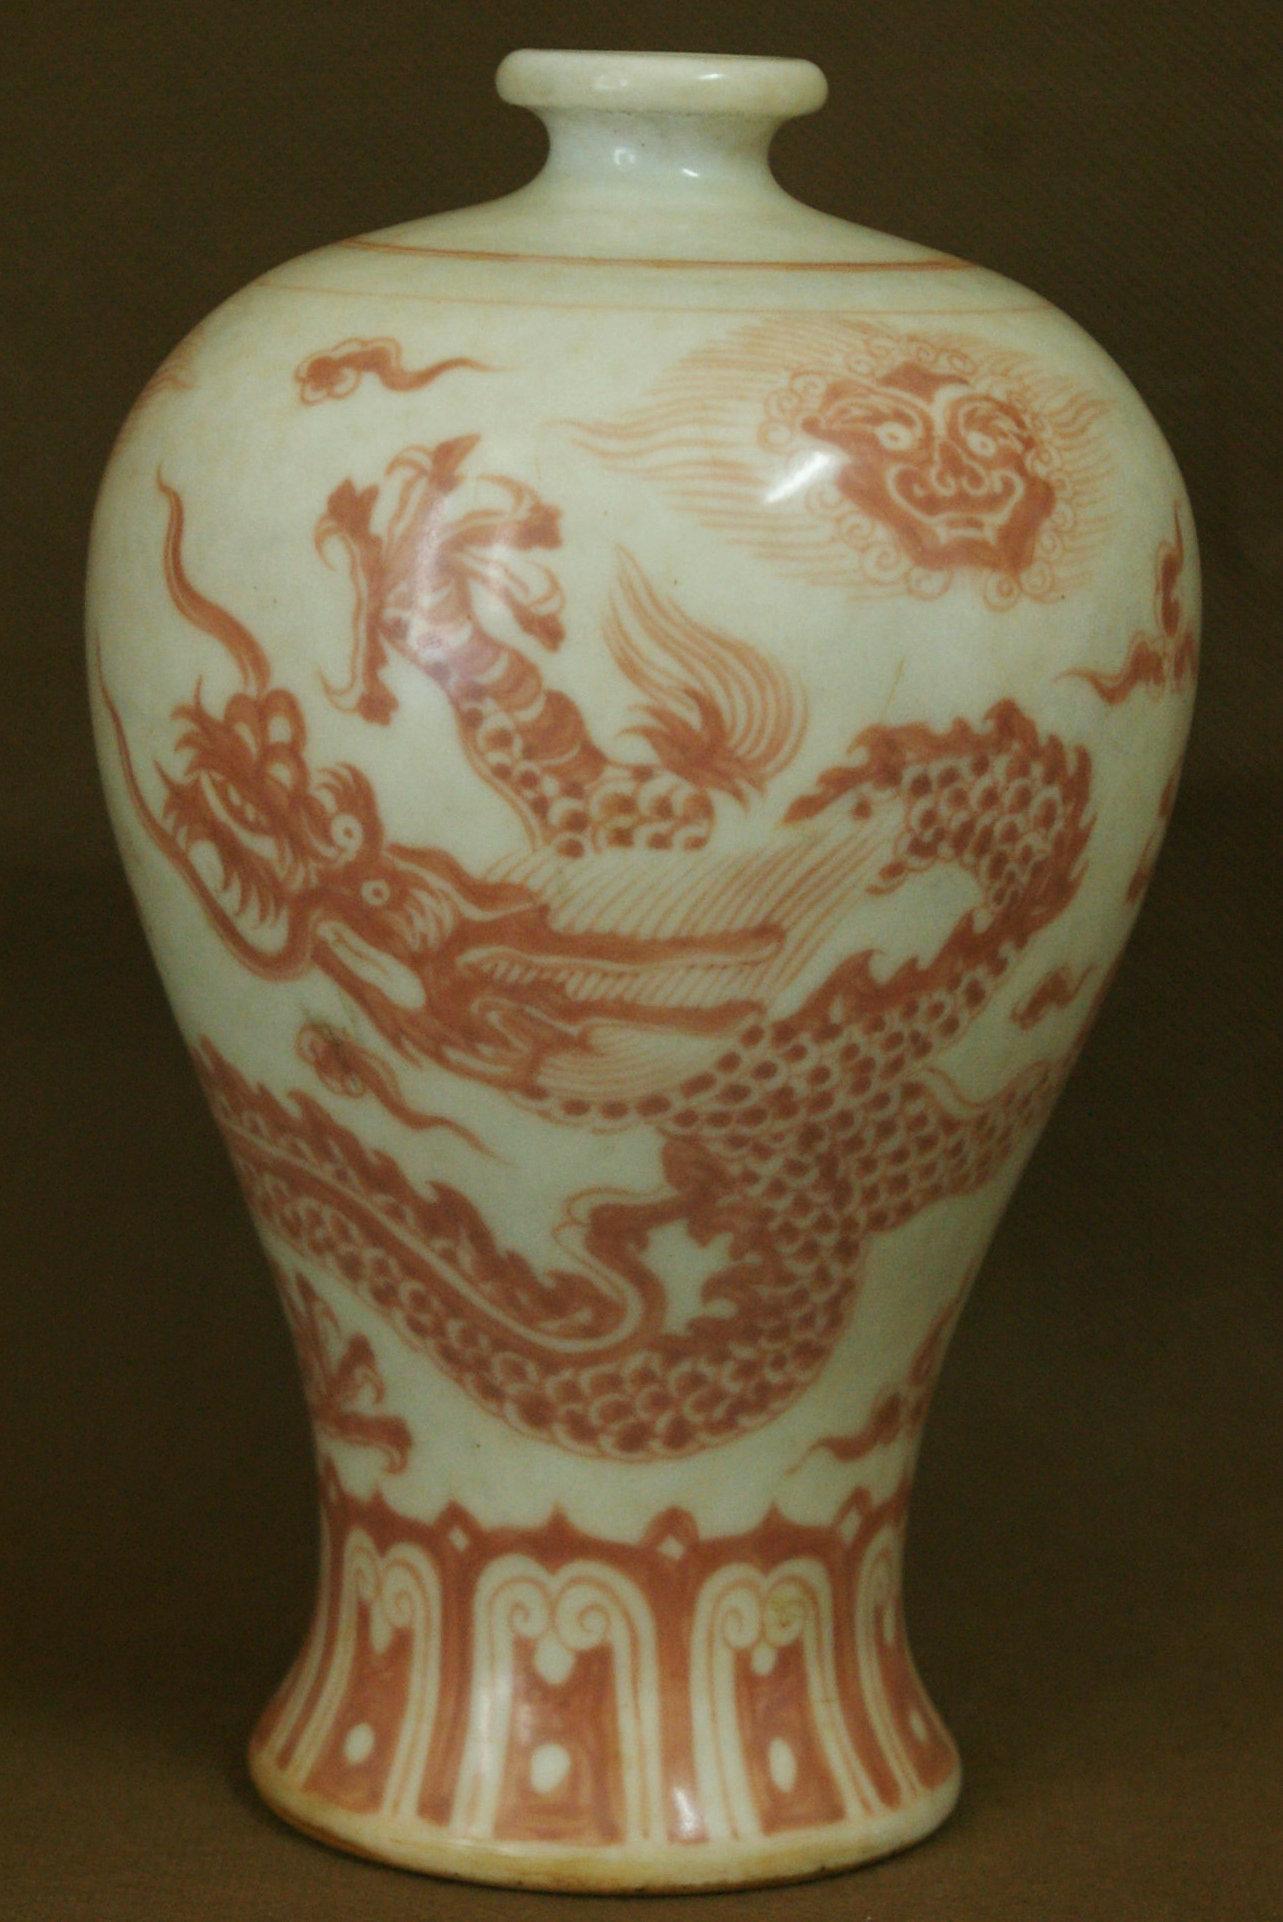 永乐款梵红龙纹梅瓶